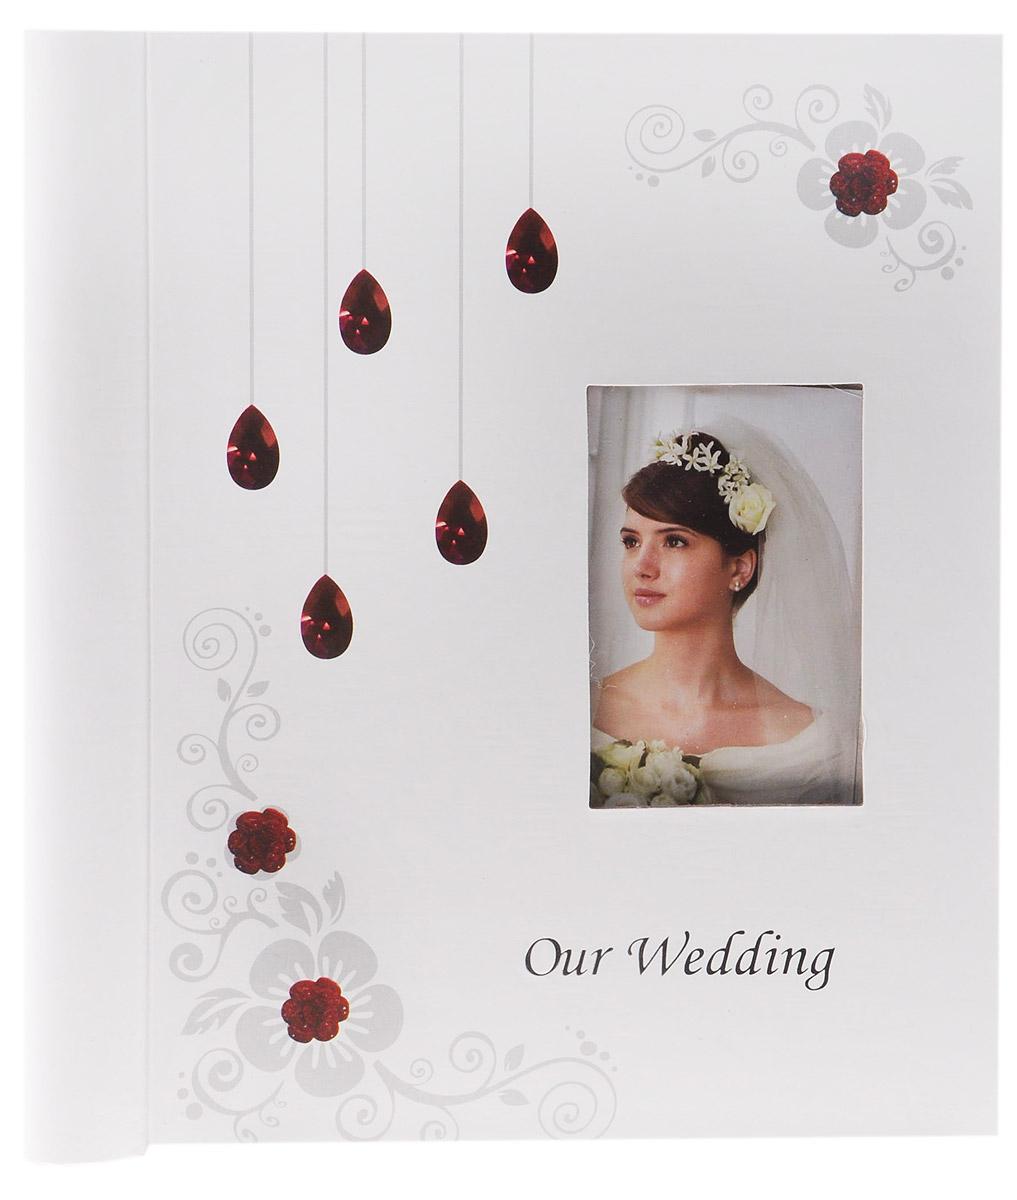 Фотоальбом Diesel Wedding story, 20 фотографий, 23 х 28 см 22263RG-D31SФотоальбом Diesel Wedding story изготовленный из картона с клеевым покрытием и пленки ПВХ, поможет красиво оформить ваши свадебные фотографии. Обложка выполнена из толстого картона. С лицевой стороны обложки имеется окошко для вашей самой любимой фотографии. Внутри содержится блок из 20 магнитных листов, которые размещены на пластиковых кольцах. Альбом с магнитными листами удобен тем, что он позволяет размещать фотографии разных размеров. В альбоме предусмотрены поля для записей. Листы размещены на пластиковых кольцах.Нам всегда так приятно вспоминать о самых счастливых моментах жизни, запечатленных на фотографиях. Поэтому фотоальбом является универсальным подарком к любому празднику. Размер листа: 23 см х 28 см.